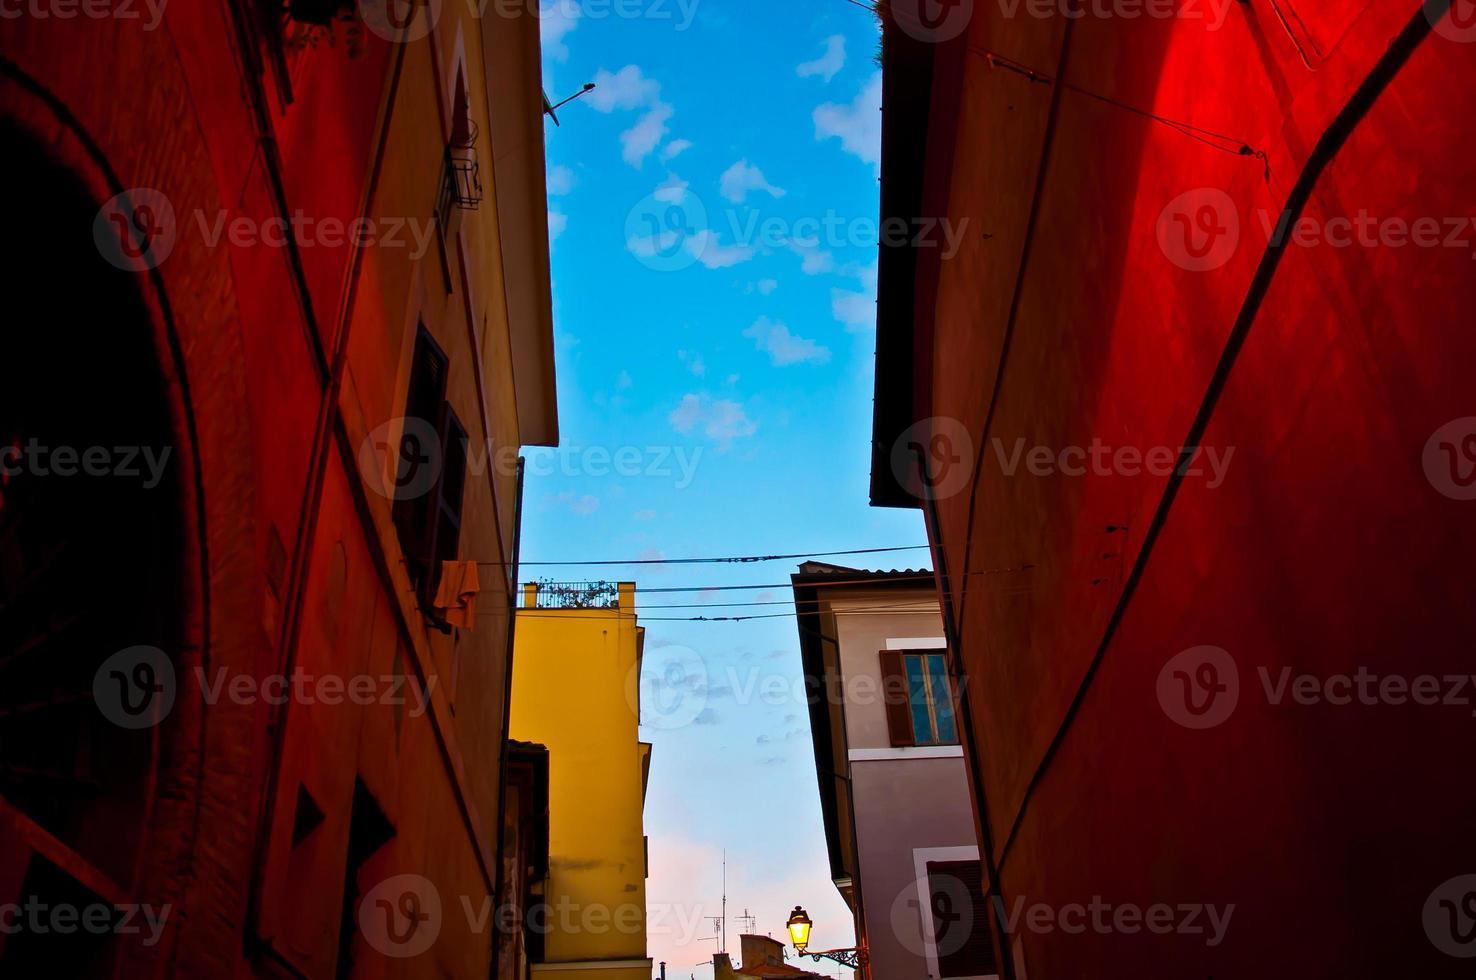 italienska gamla stan (trastevere i Rom) foto